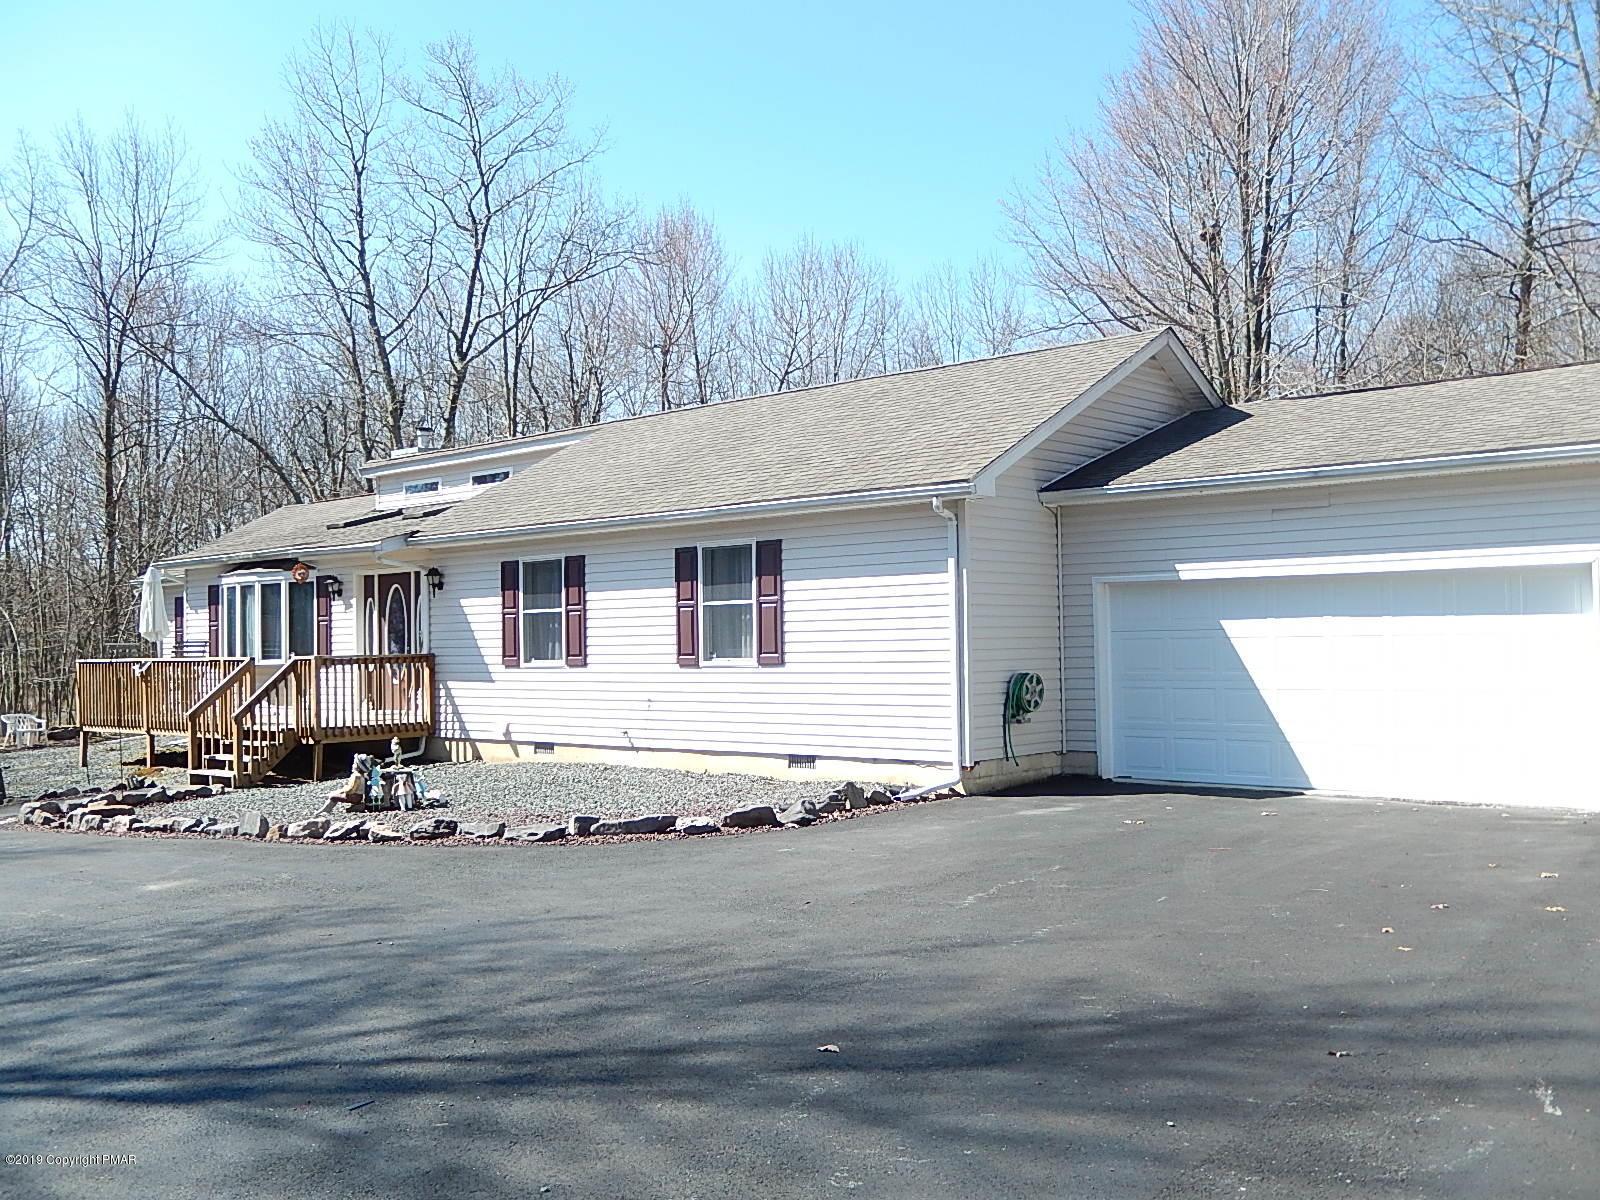 106 Mckuen Way, Albrightsville, PA 18210